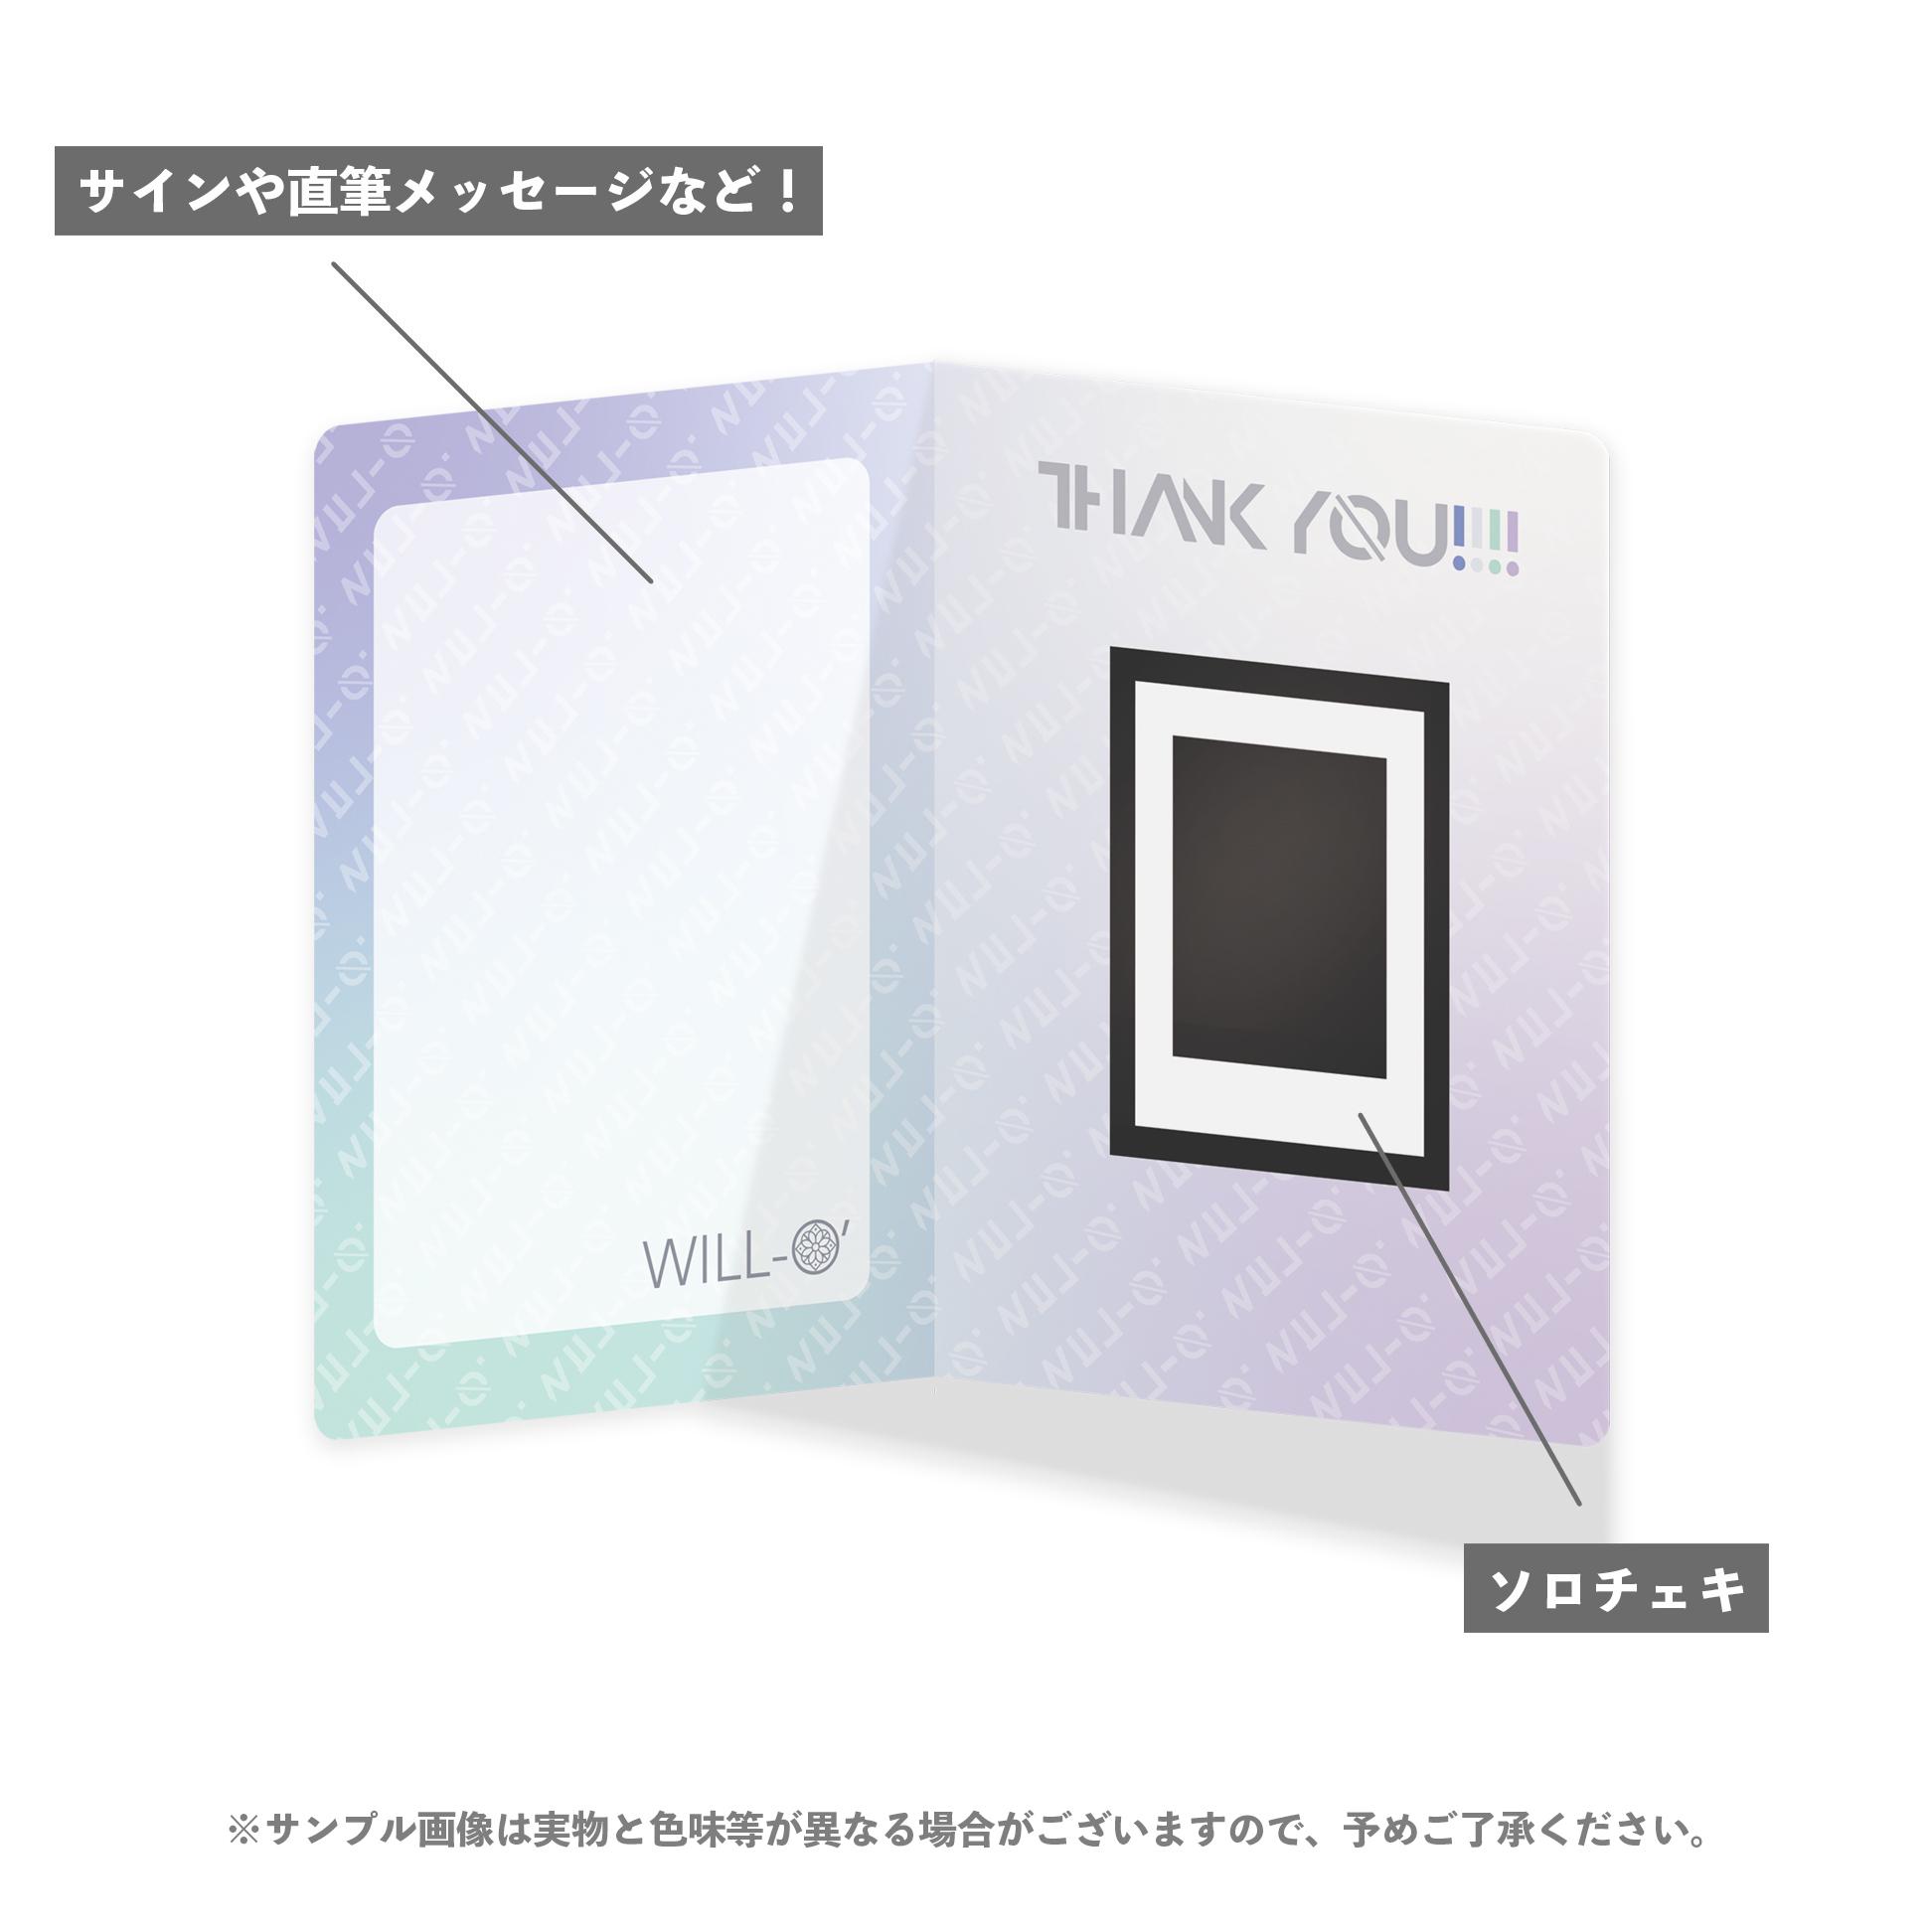 【榎本りょう】FC限定/特製カードボードつきソロチェキ